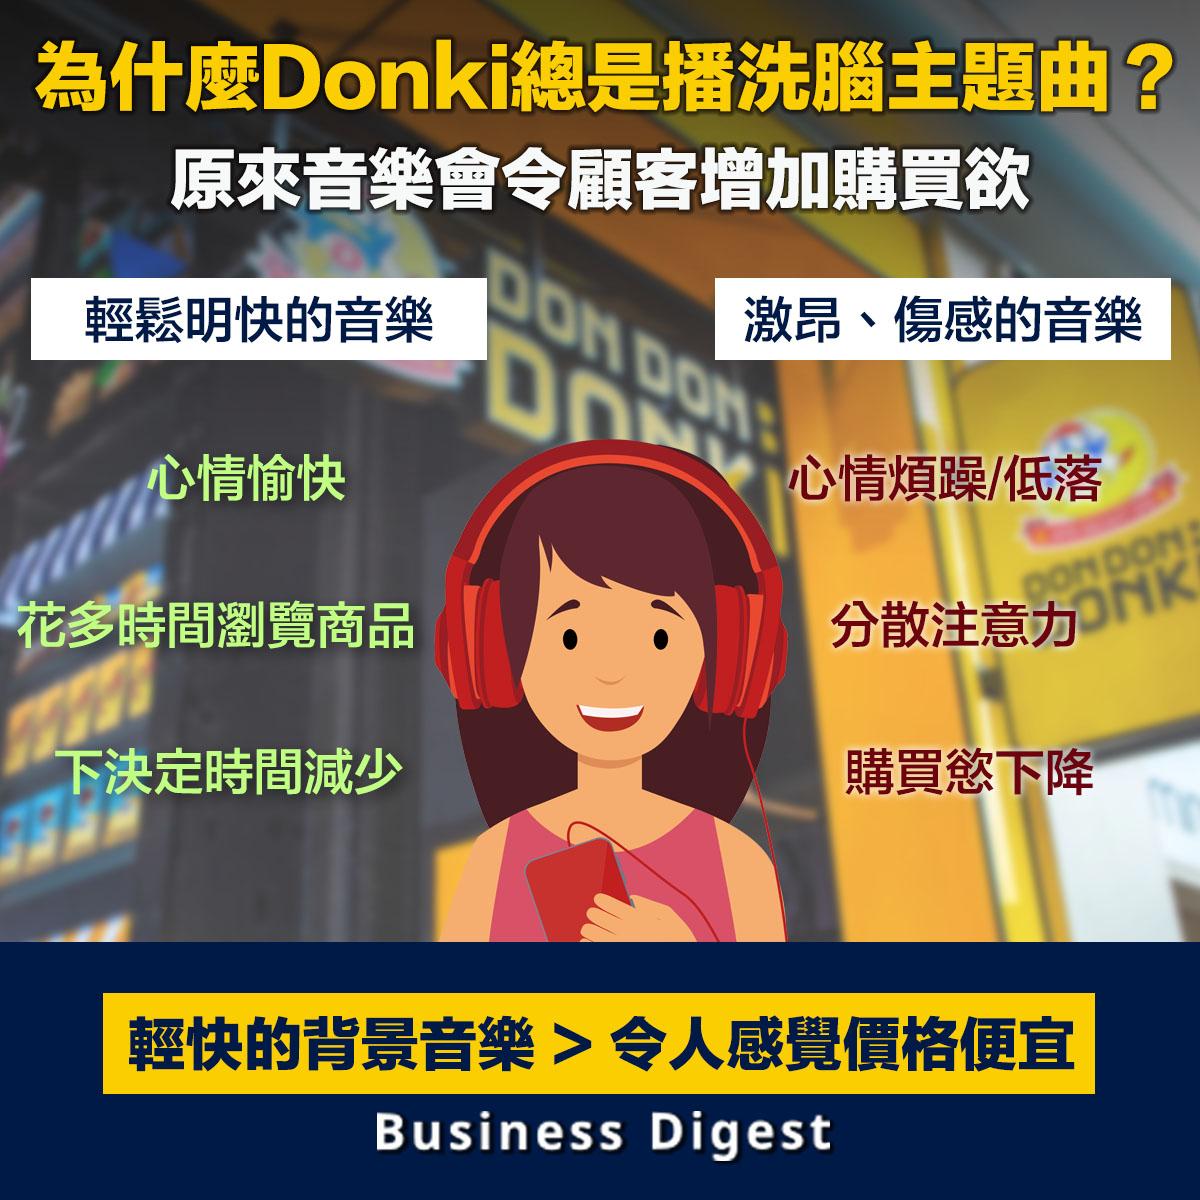 為什麼Donki總是播洗腦主題曲?原來音樂會令顧客增加購買欲